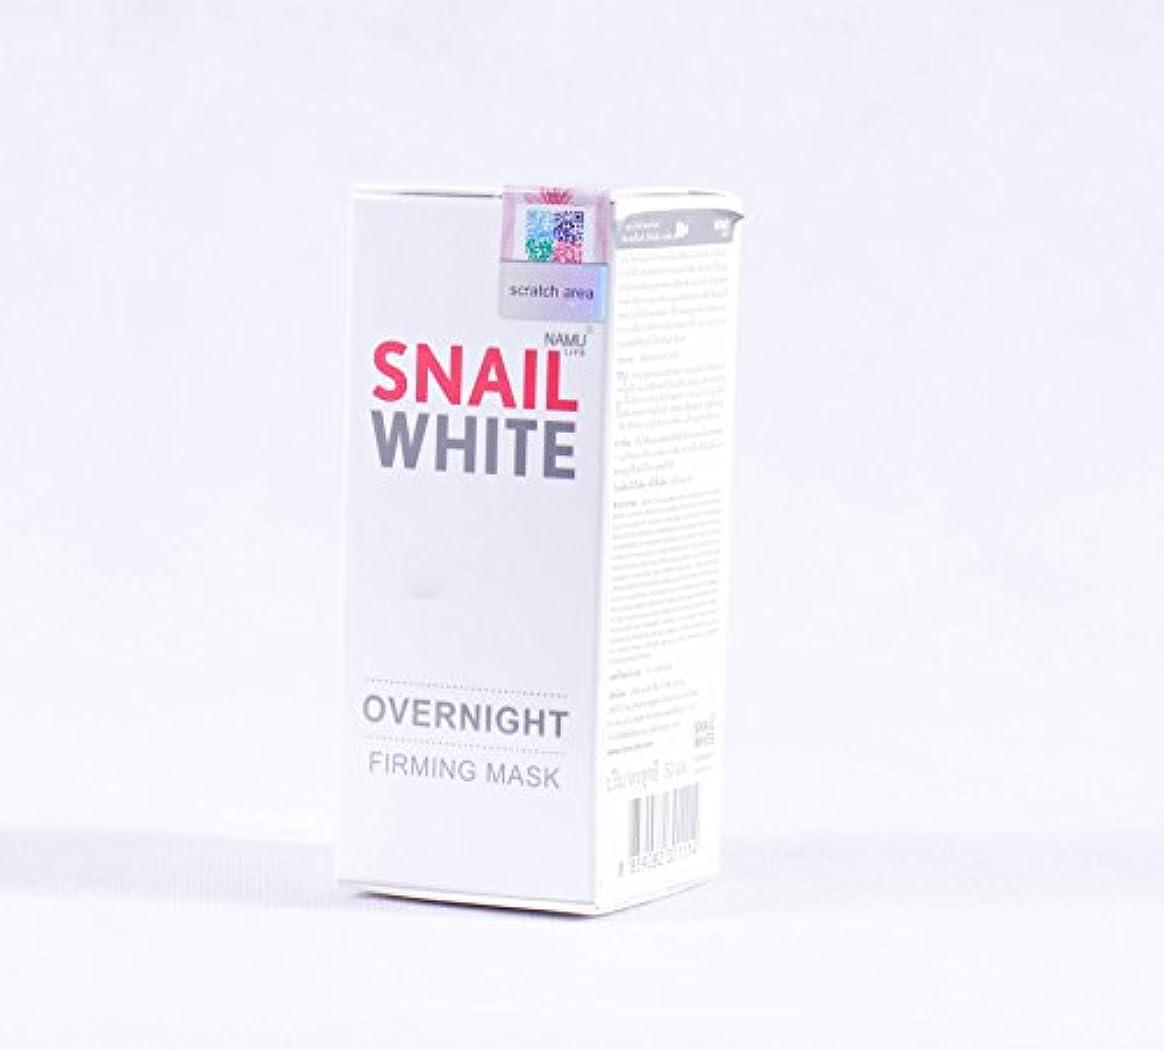 オーバーナイトファーミングマスク50 ml。 ホワイトニング NAMU LIFE SNAILWHITE OVERNIGHT FIRMING MASK 50 ml.